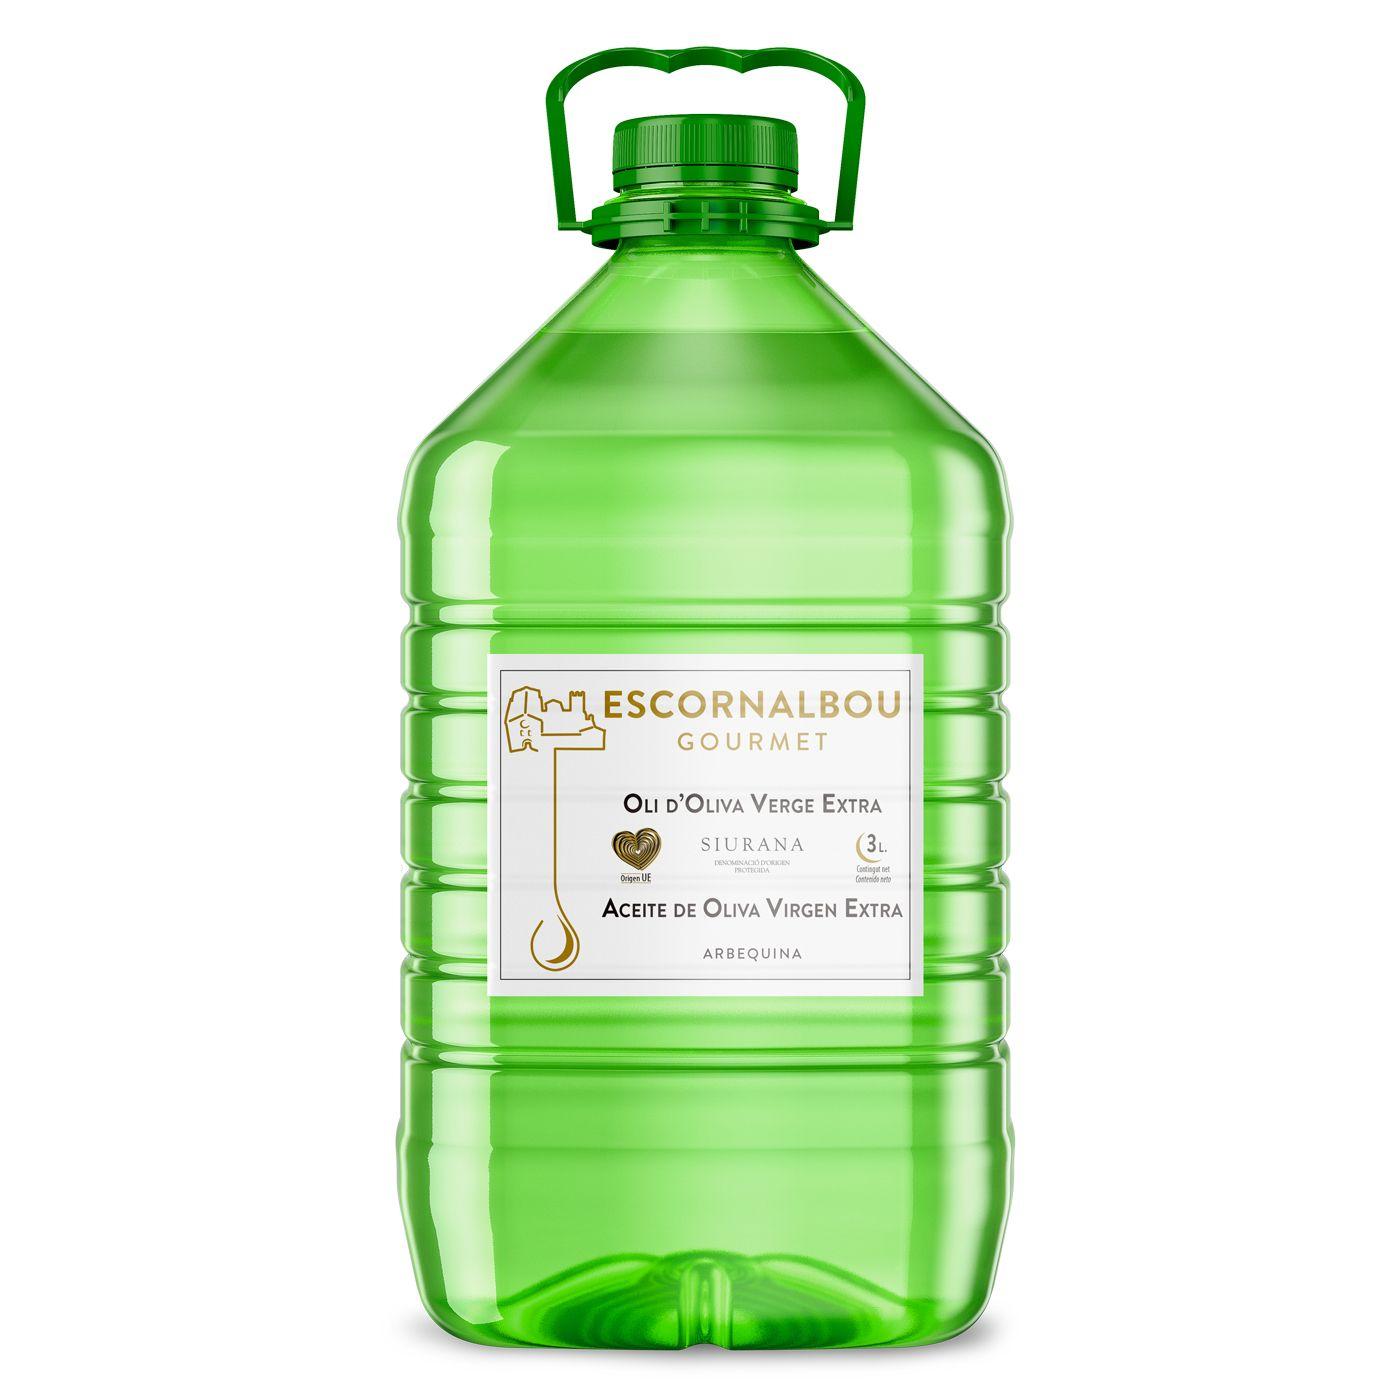 Comprar 3L Aceite De Oliva Virgen Extra 100% Arbequina - Garrafa PET | Escornalbou Gourmet - AOVE de auténtica calidad Gourmet con propiedades cardiosaludables. Producto certificado.